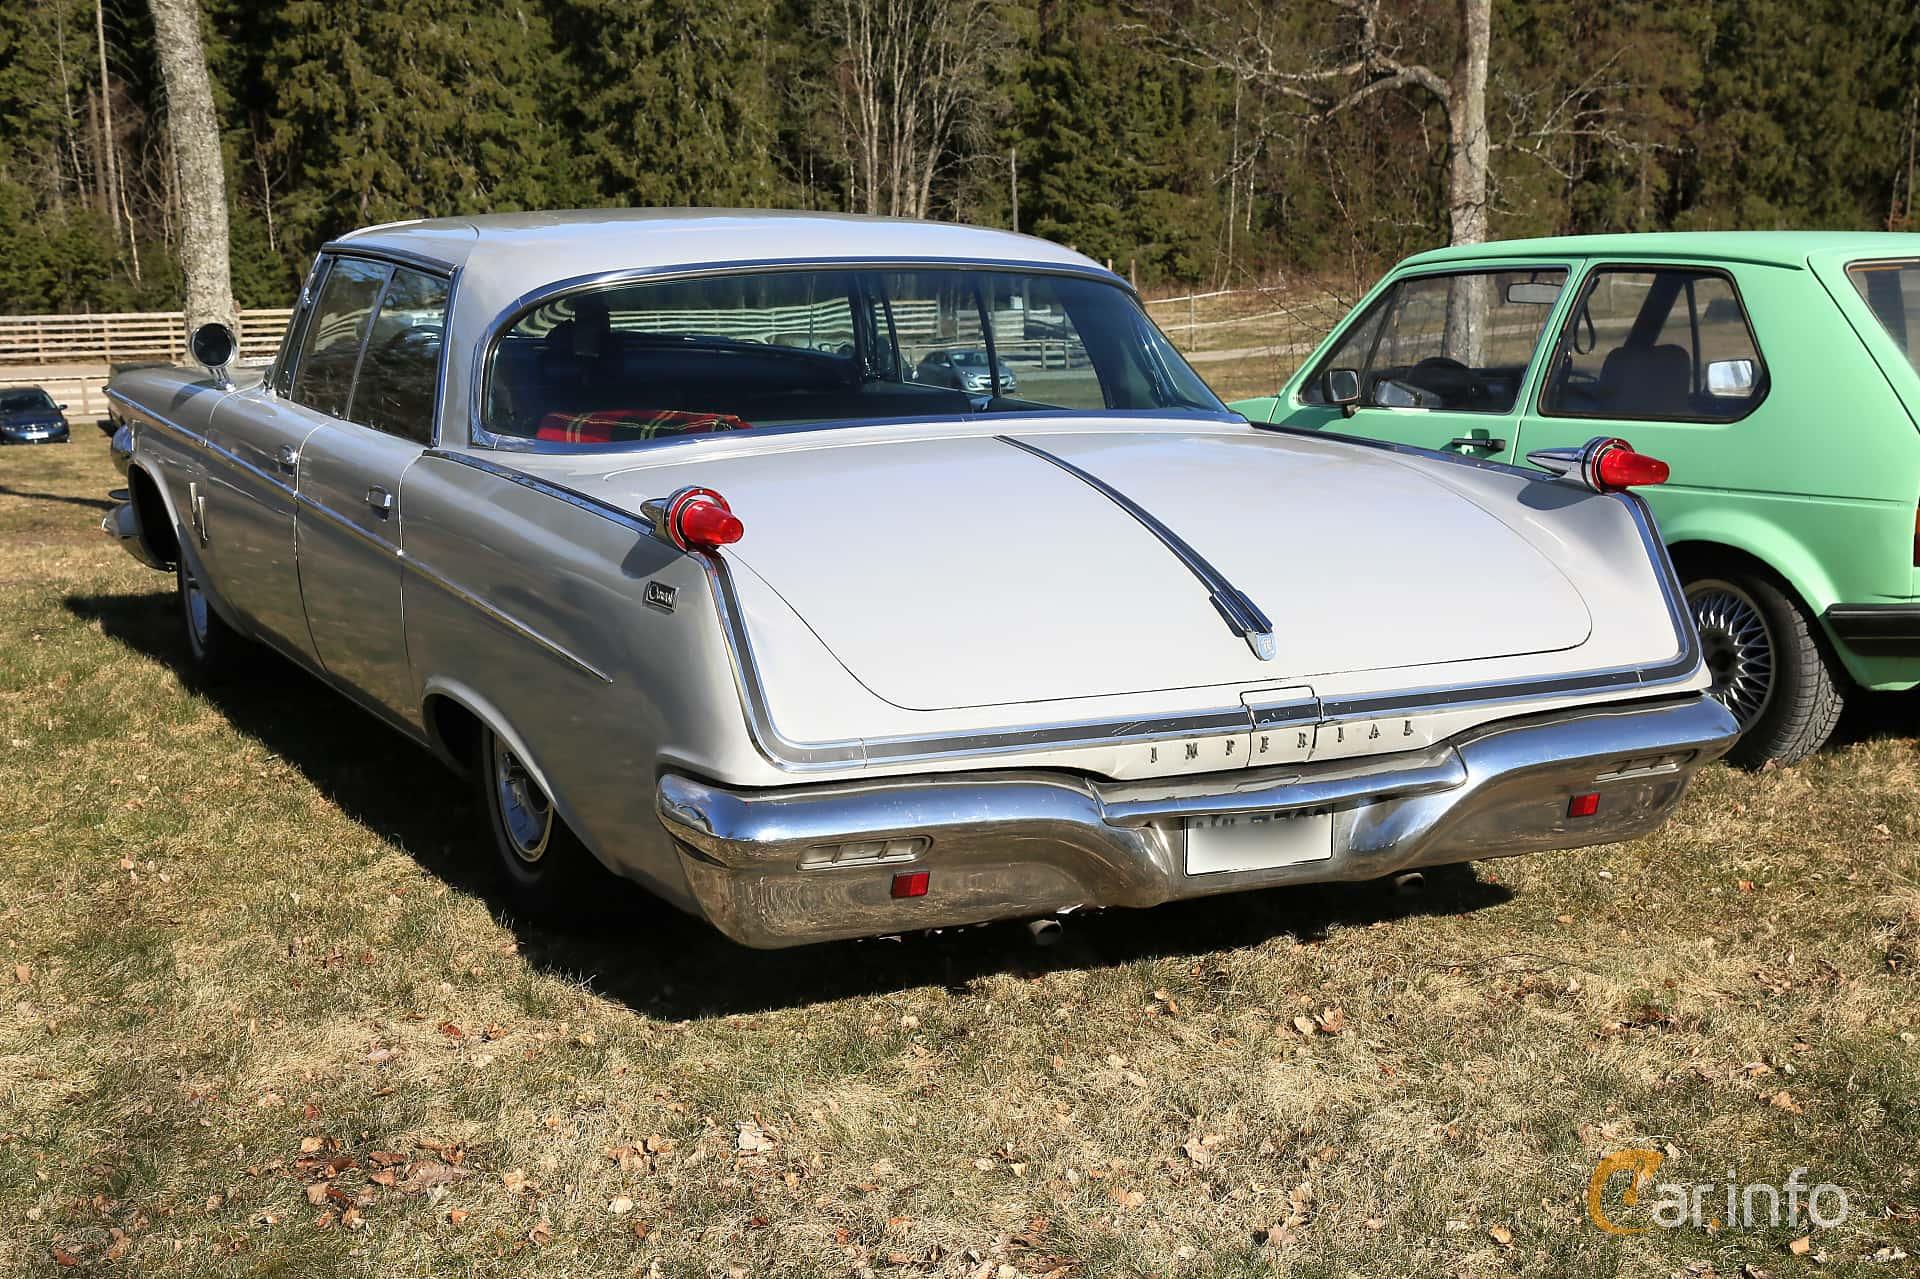 Back/Side of Imperial Crown 4-door Southampton 6.8 V8 TorqueFlite, 345ps, 1962 at Uddevalla Veteranbilsmarknad Backamo, Ljungsk 2019